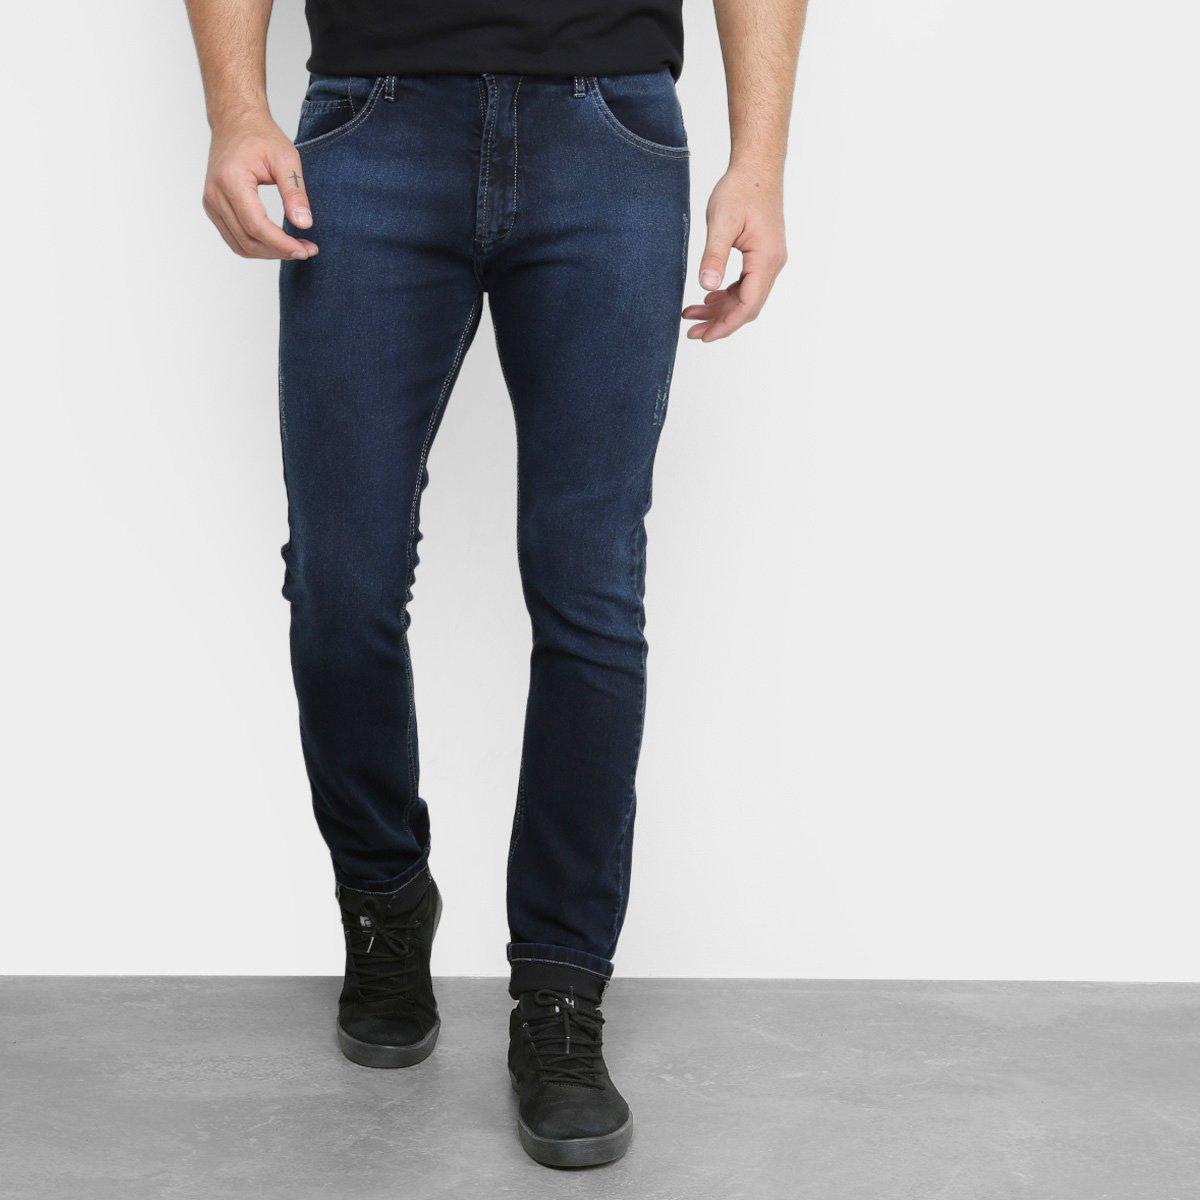 Calça Jeans HD Básica Masculina